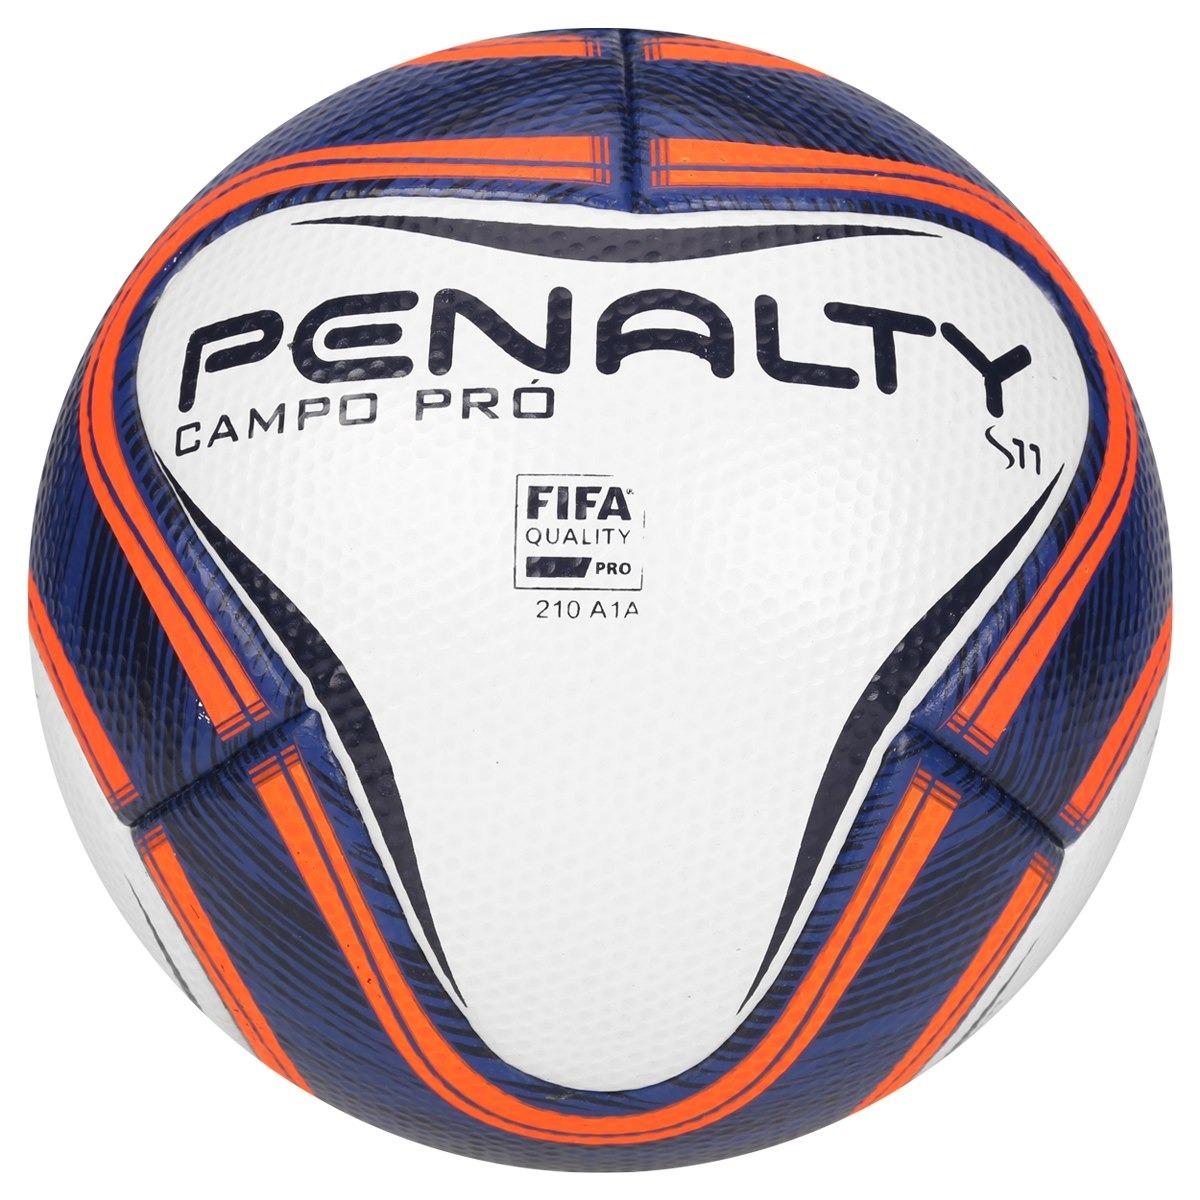 bola futebol penalty campo pró s11 original nova 1magnus. Carregando zoom. a59774efad7f1